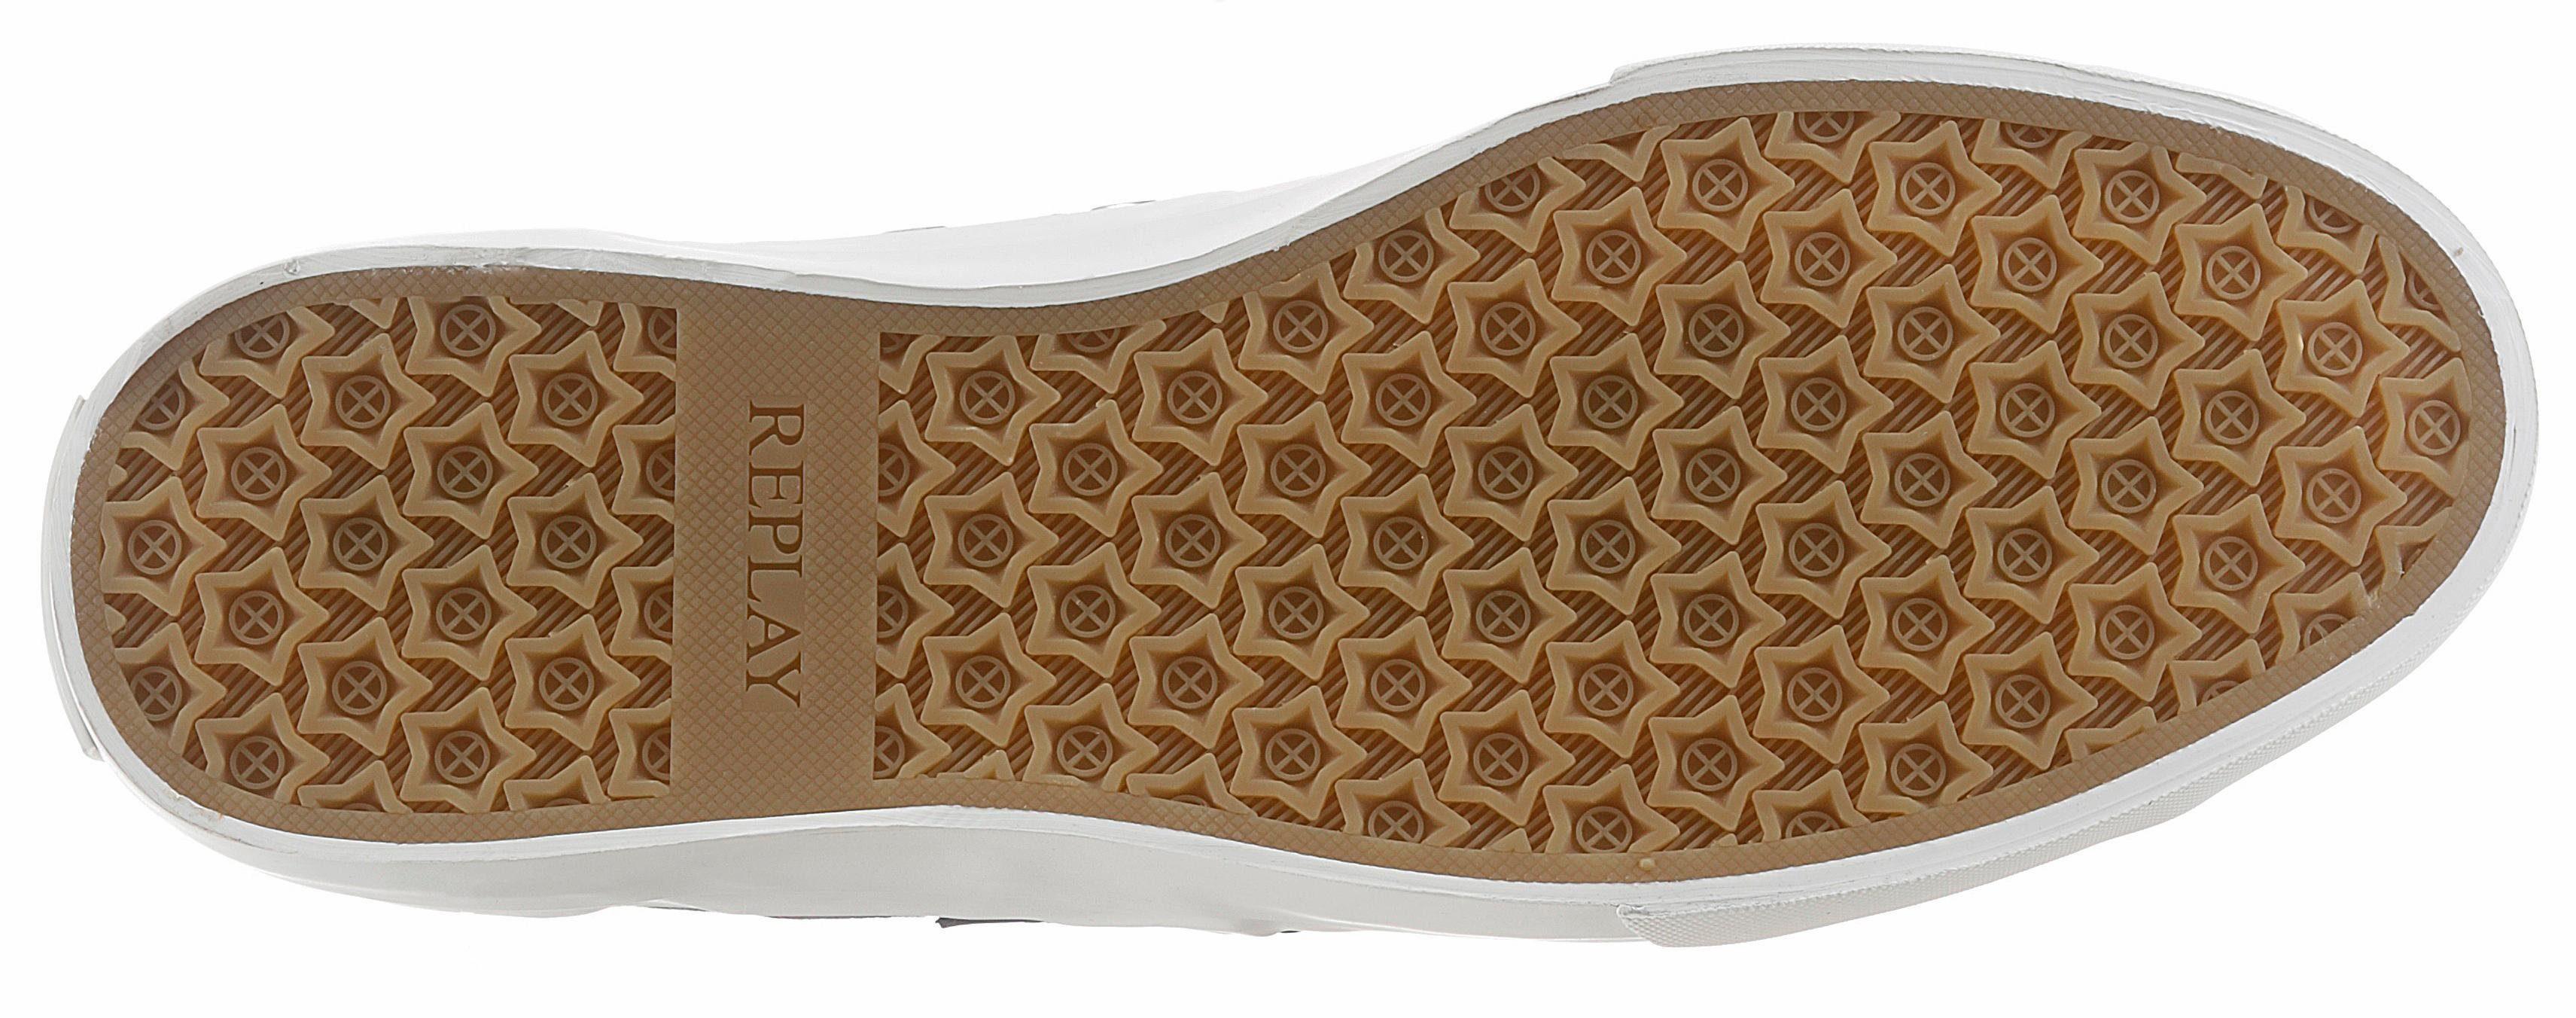 Im look Dunkelblau Kaufen used Sound Sneaker Replay nr 9946410622 Online Used Artikel qESvU